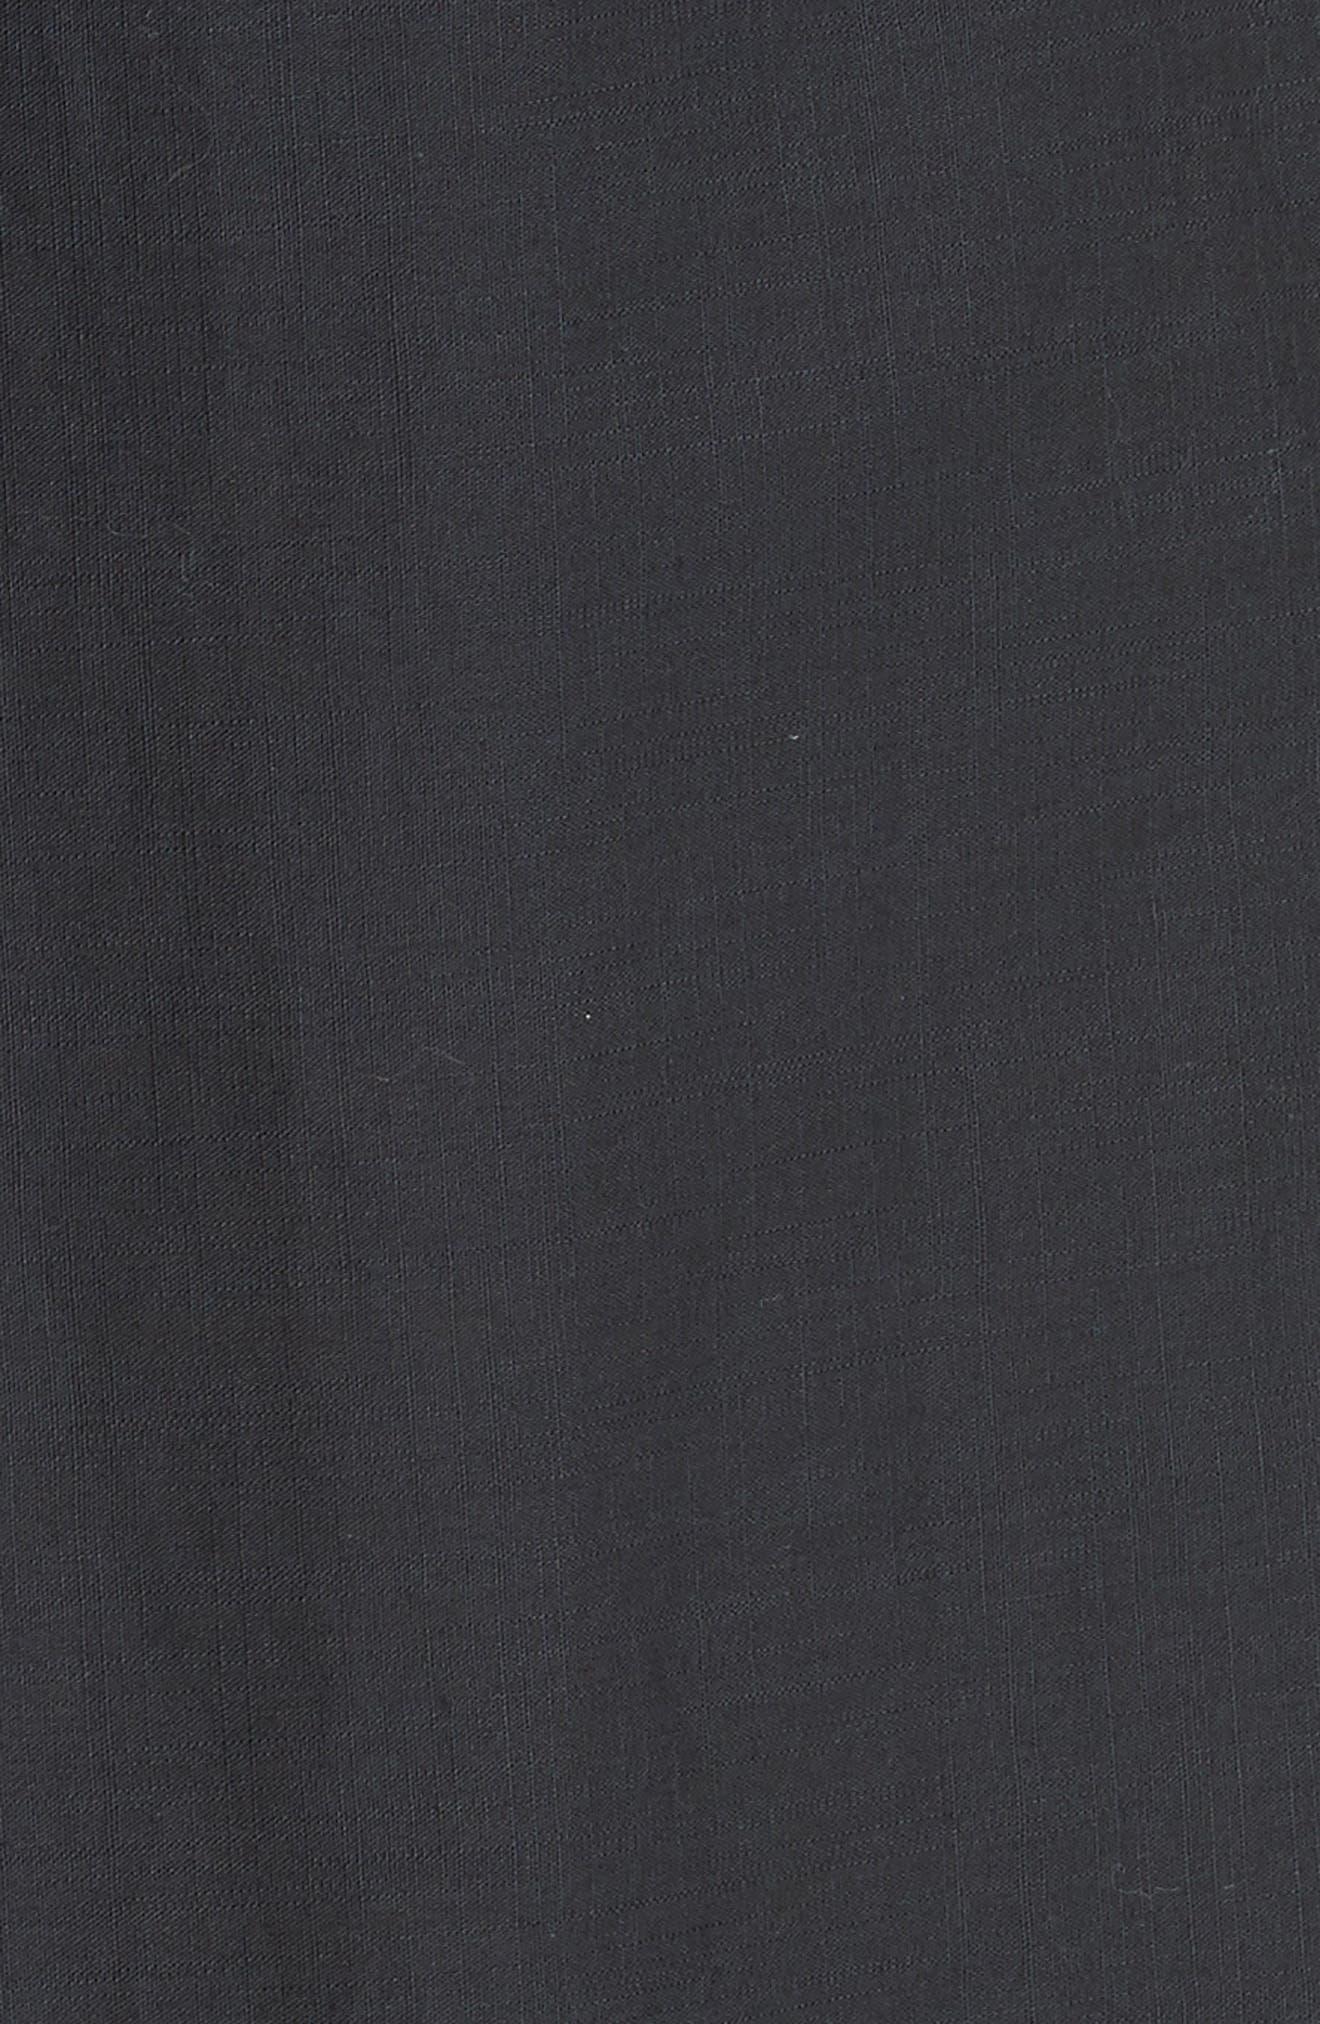 Alouette Eyelet Hem Dress,                             Alternate thumbnail 6, color,                             400